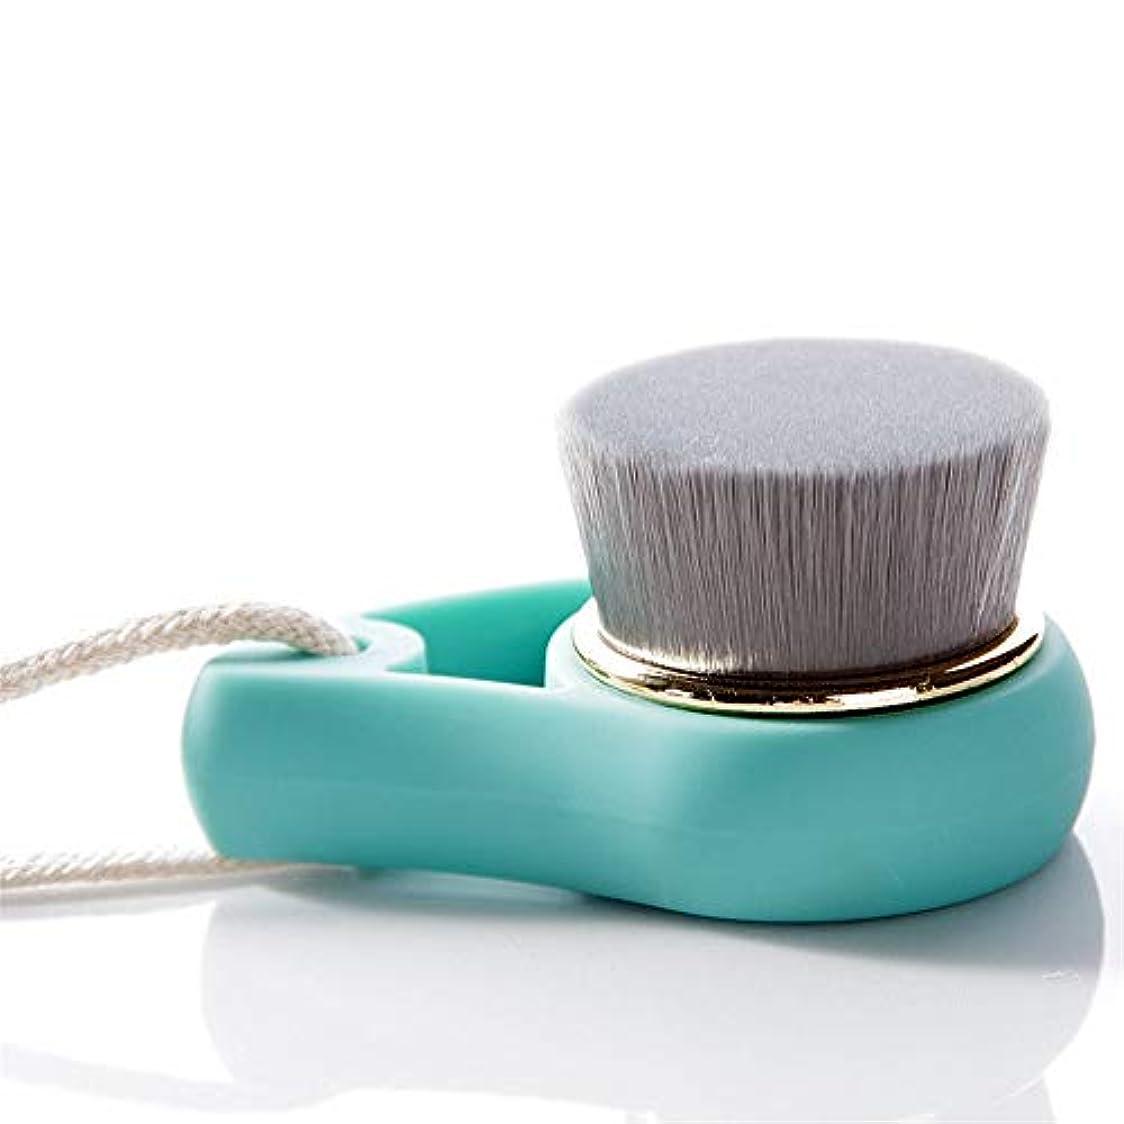 リム穴ポータブル洗顔ブラシ ソフト剛毛フェイスクリーニング美容ブラシ女性のクレンジングブラシ ディープクレンジングスキンケア用